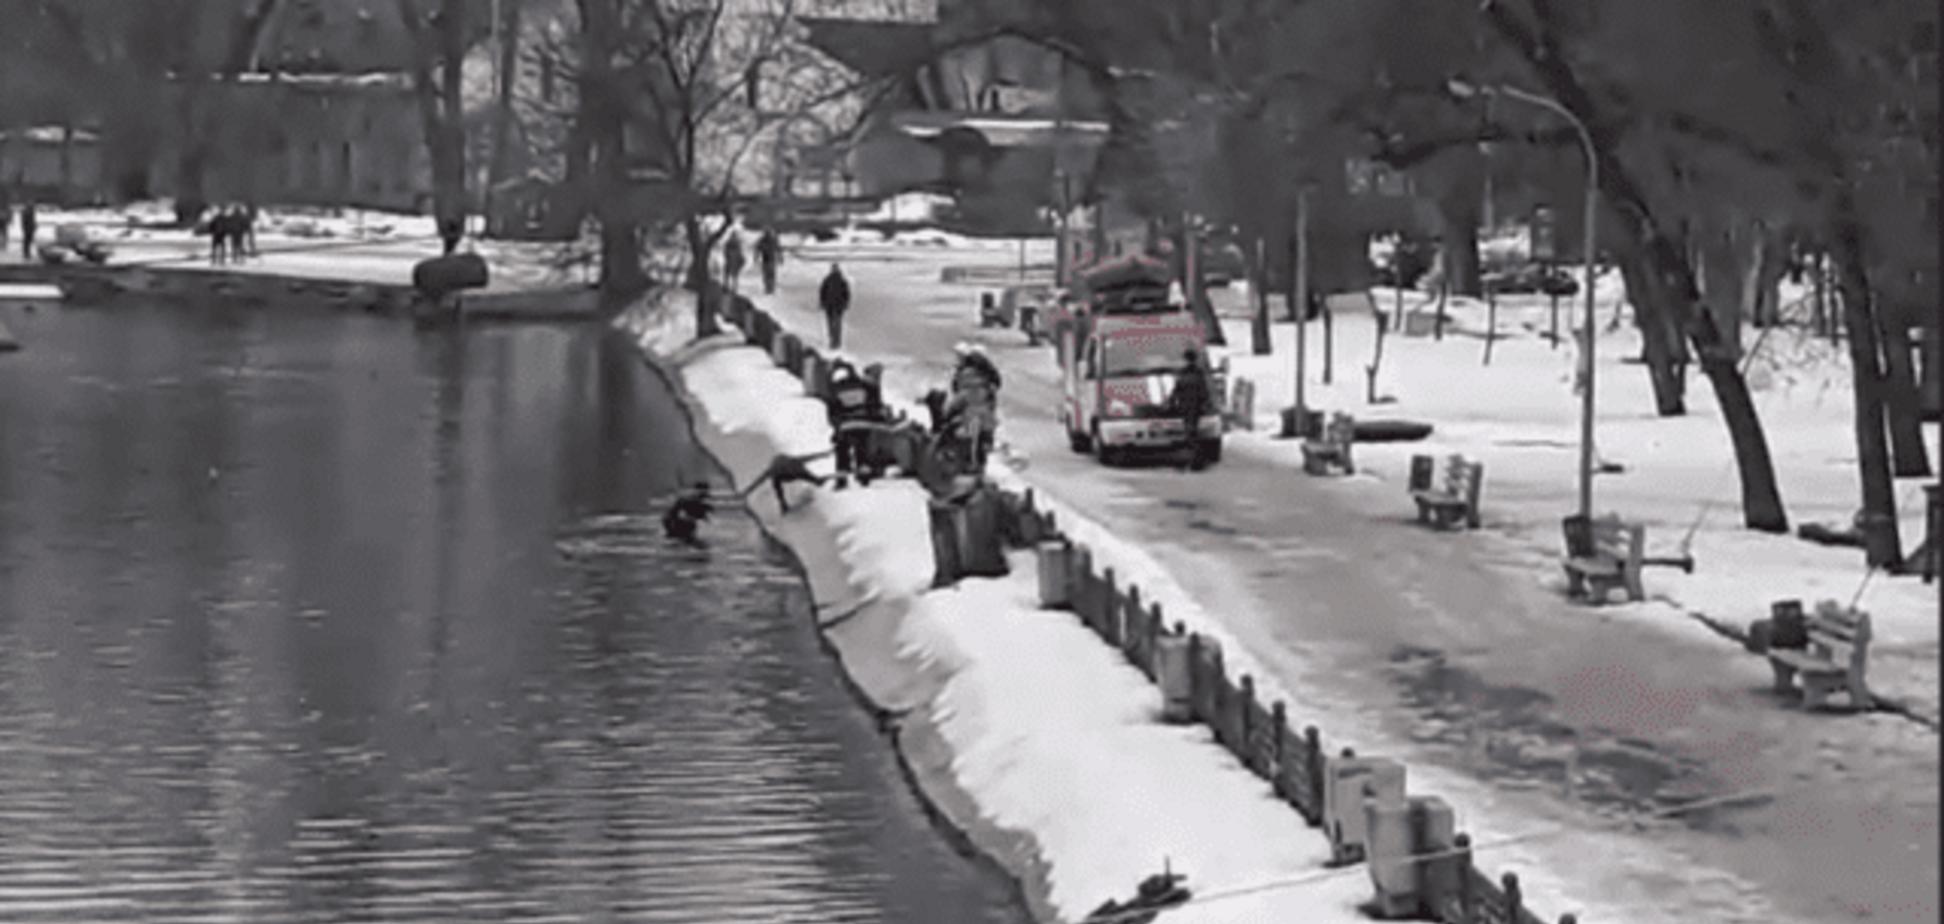 Героїчний вчинок: у Дніпрі чоловік пірнув у крижану воду заради дворняжки. Відео